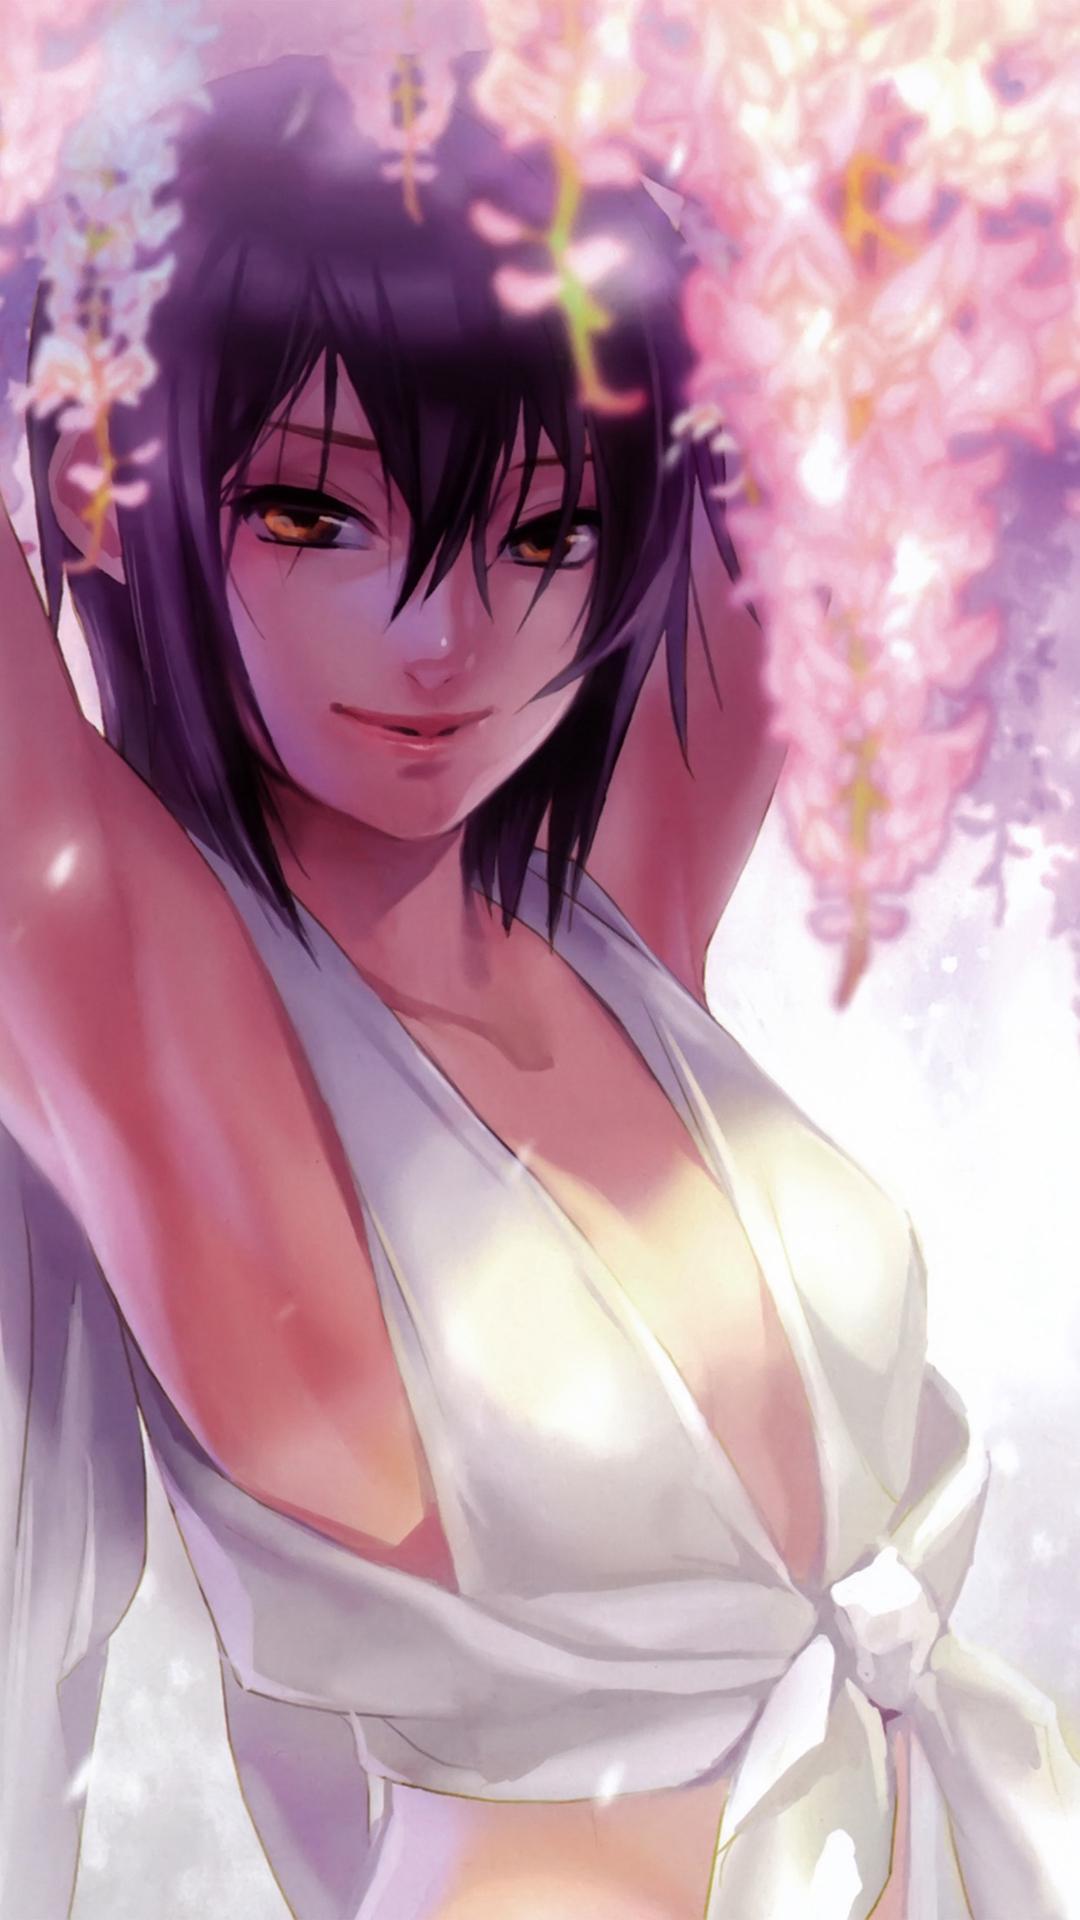 Anime Art Girl Flower Cute White